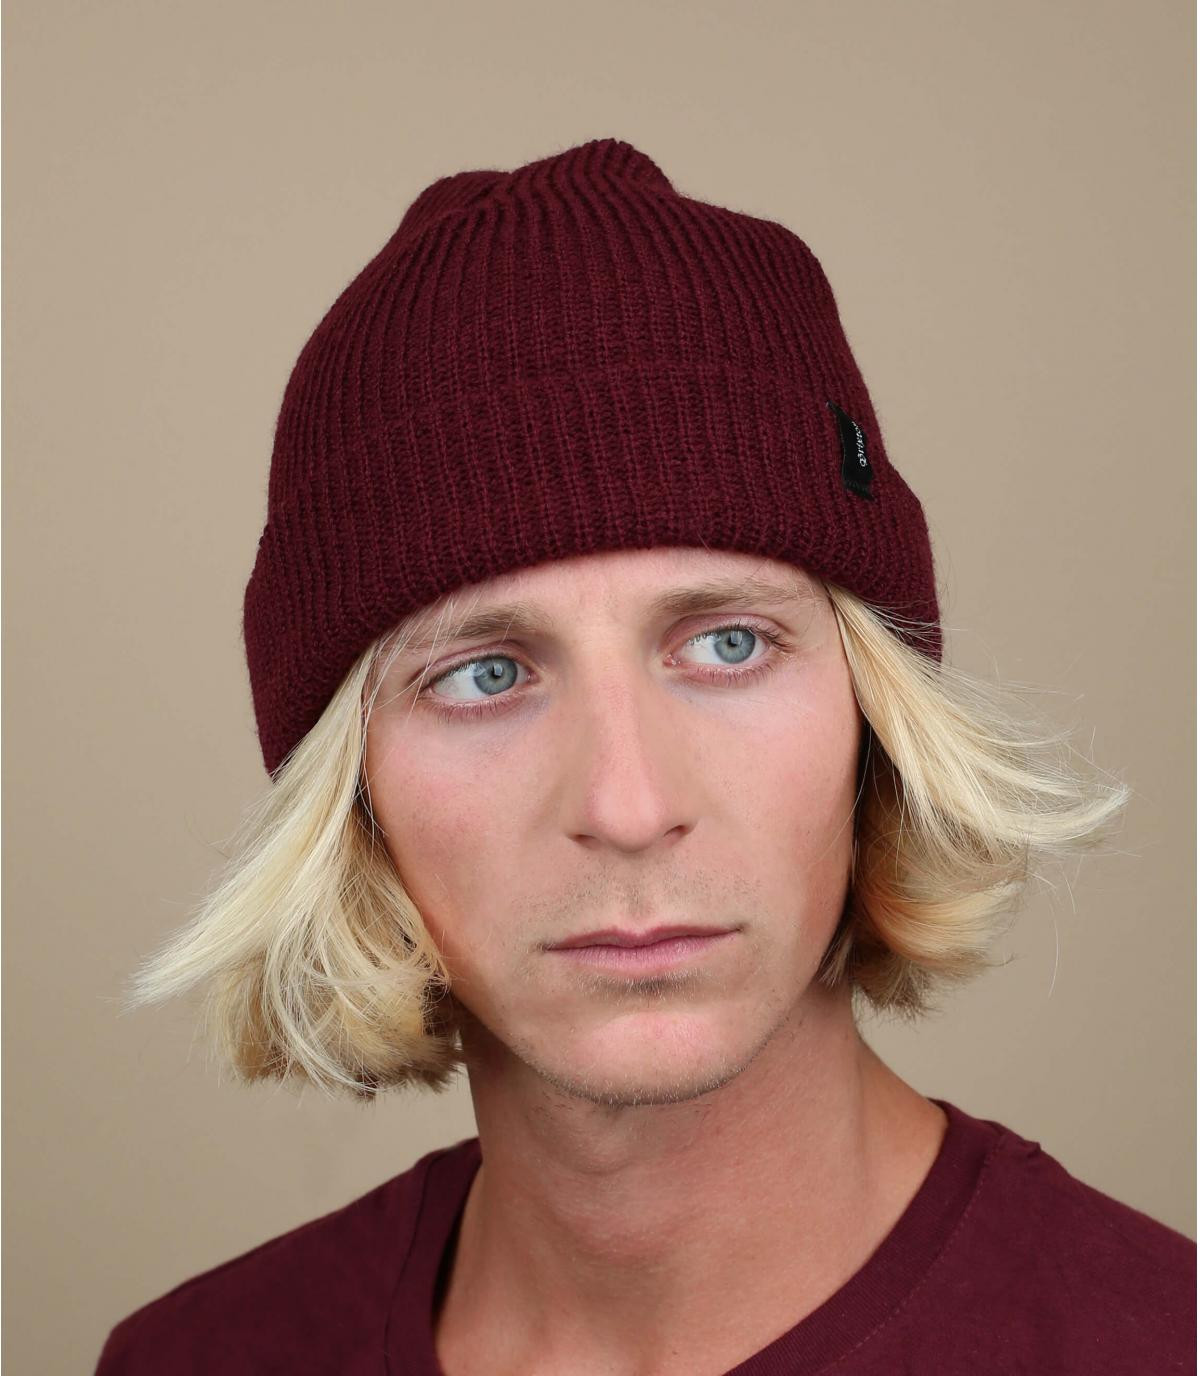 Mütze Rand bordeaux rot Krempe